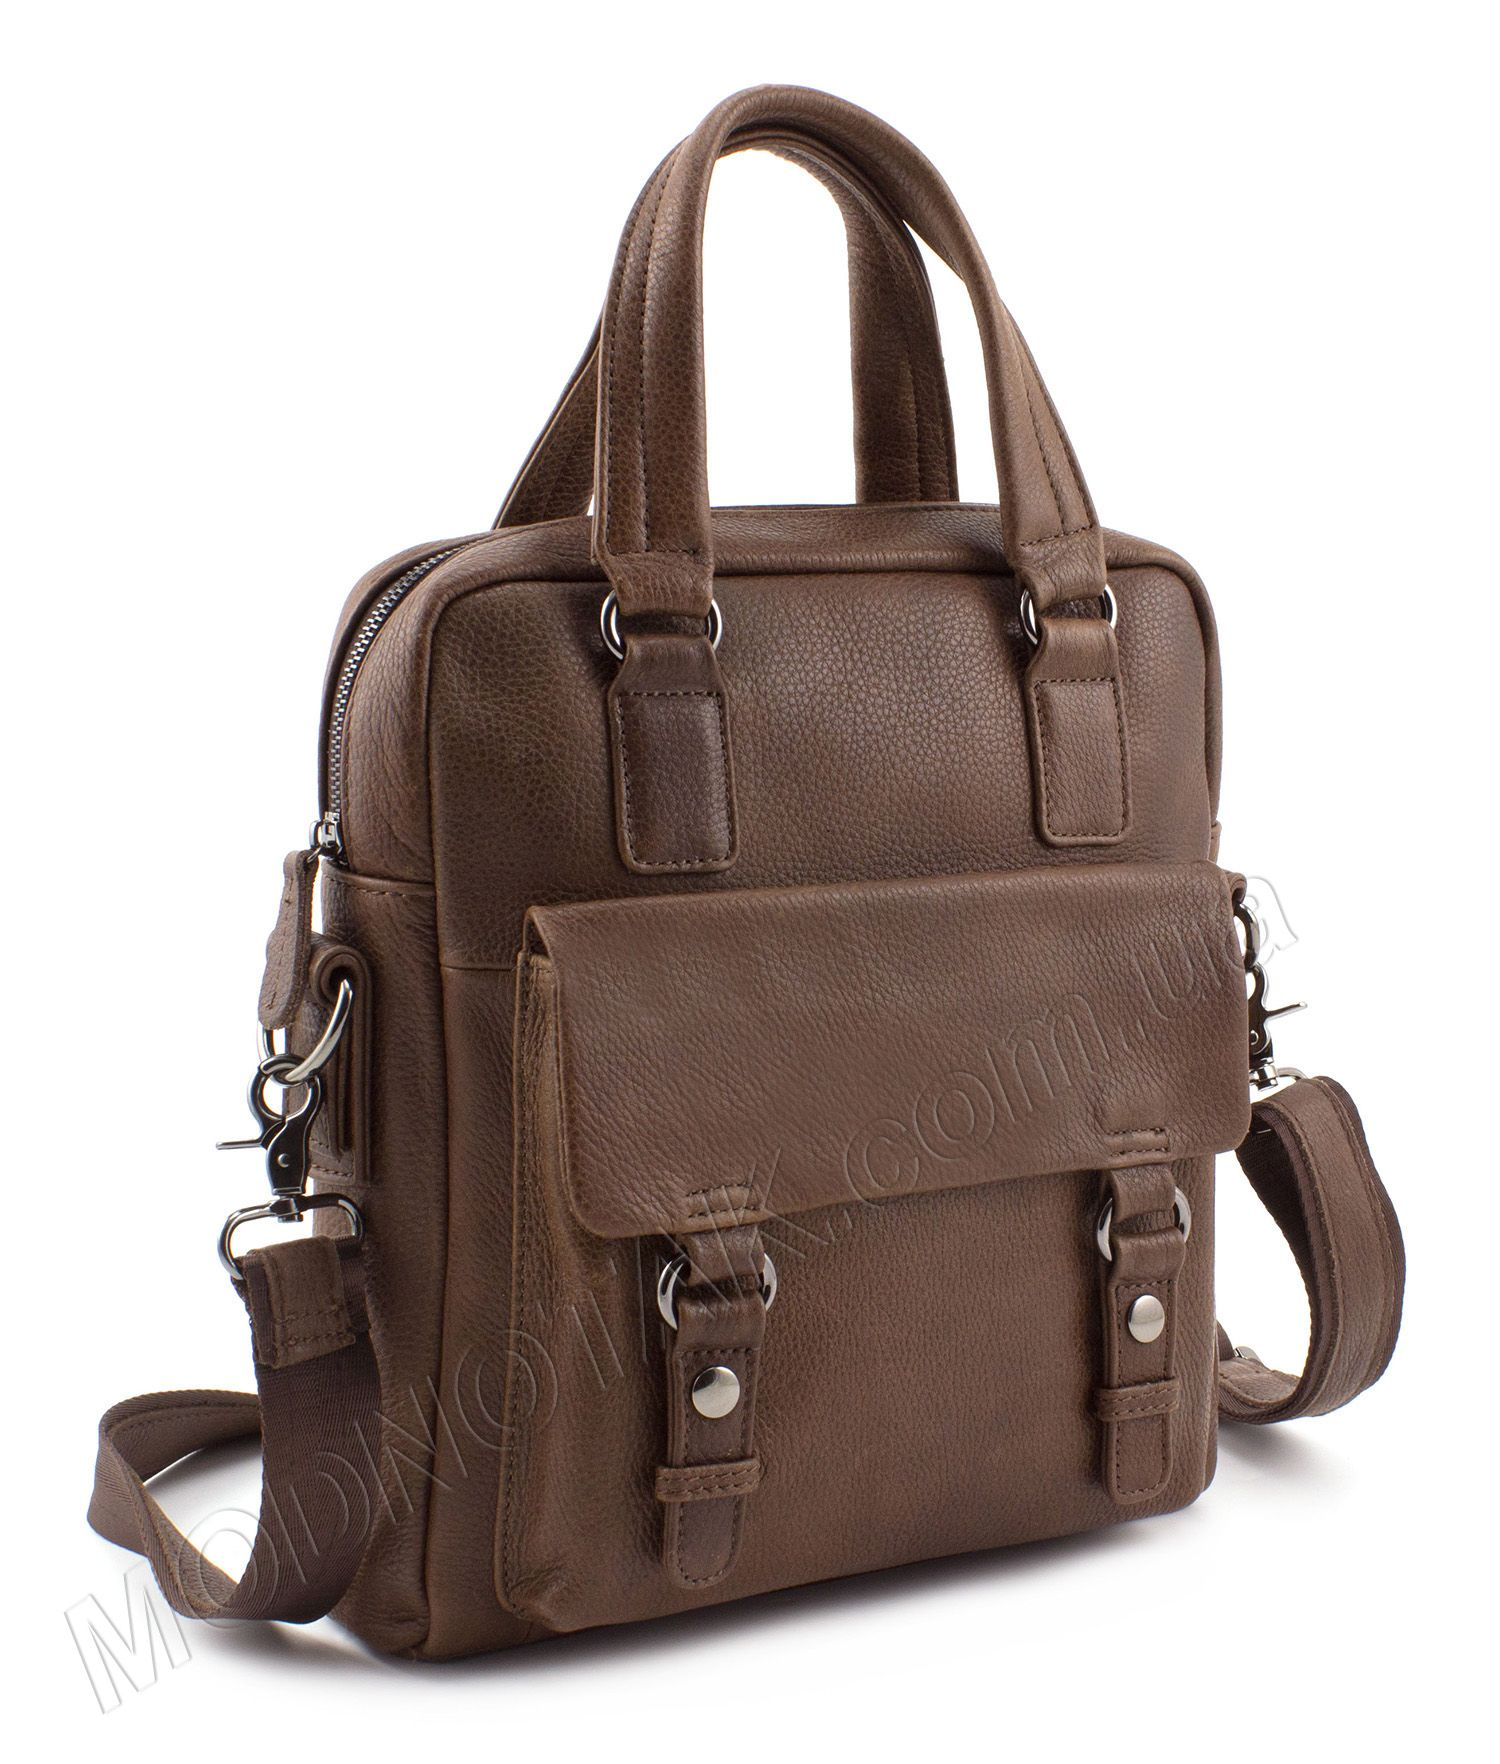 07ecb98bfcf7 Мужская кожаная сумка-мессенджер коричневого цвета для 10-дюймового  планшета - KLEVENT (10130